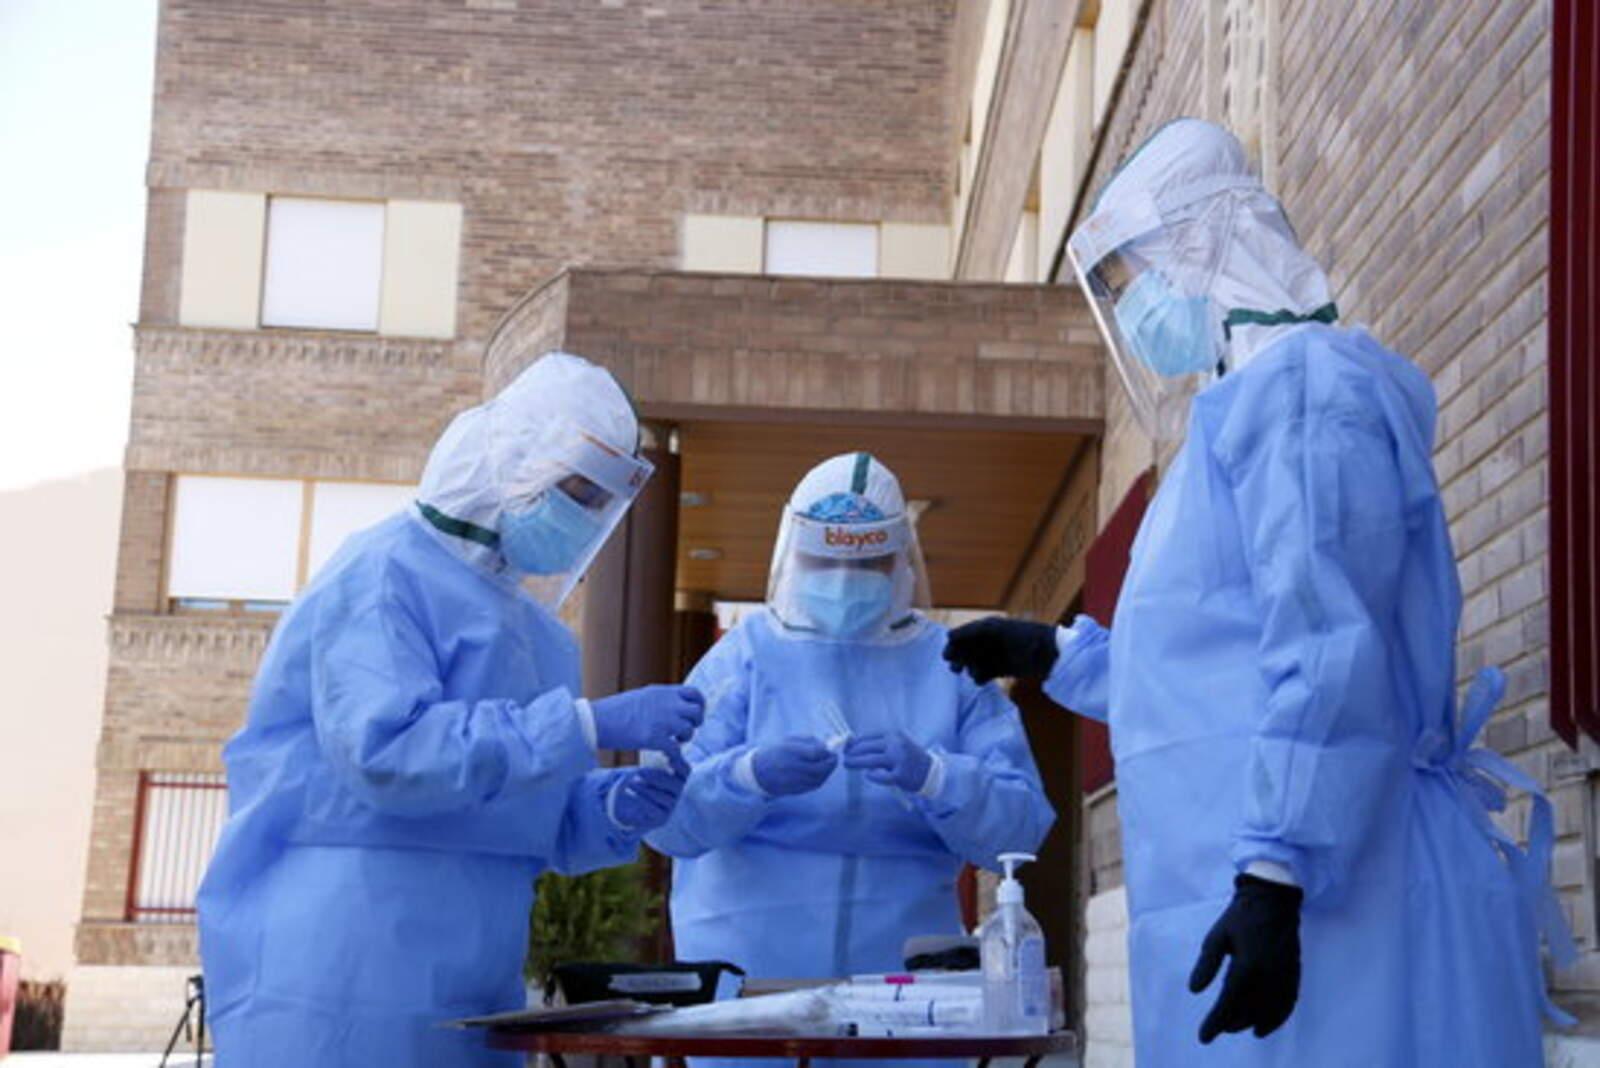 L'equip de mostres d'Atenció Primària de Lleida preparant-se per fer proves PCR en una residència d'Aitona